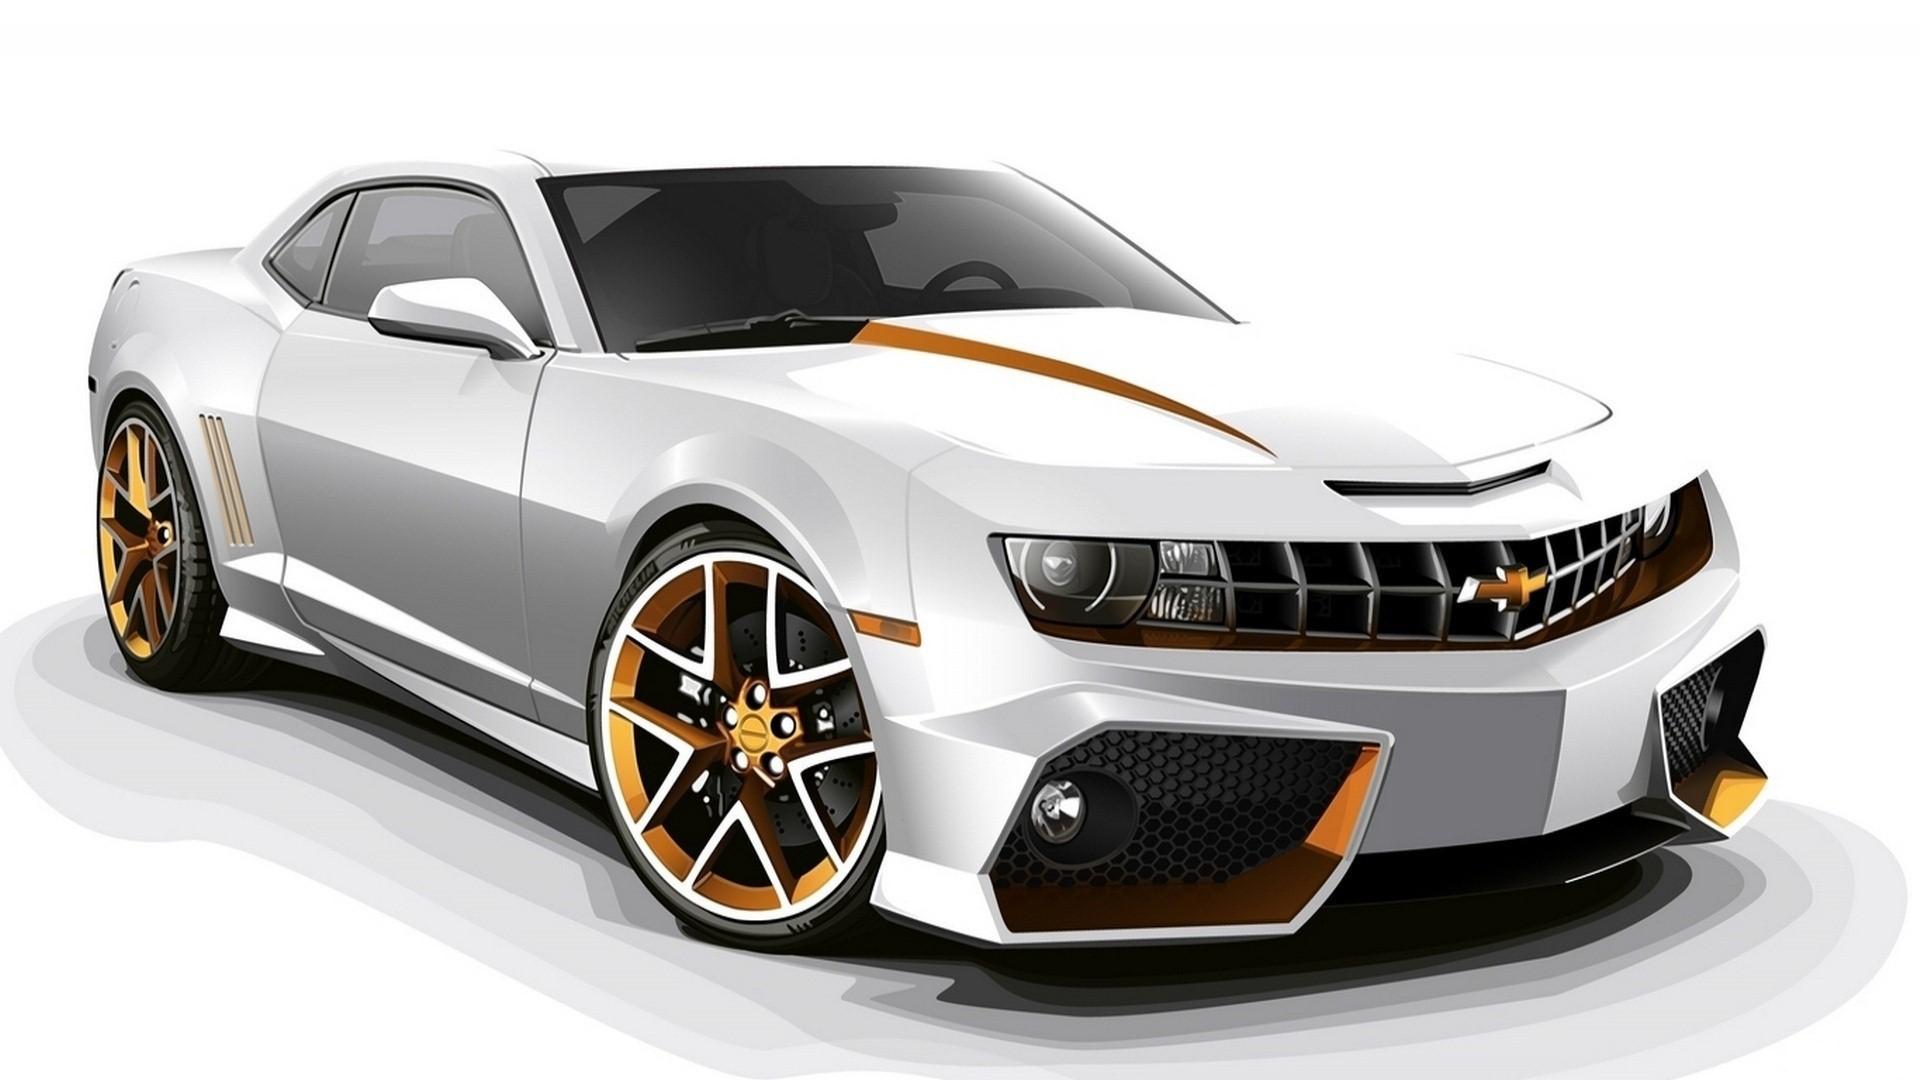 3d cars hd wallpapers wallpapersafari - 3d car wallpaper ...